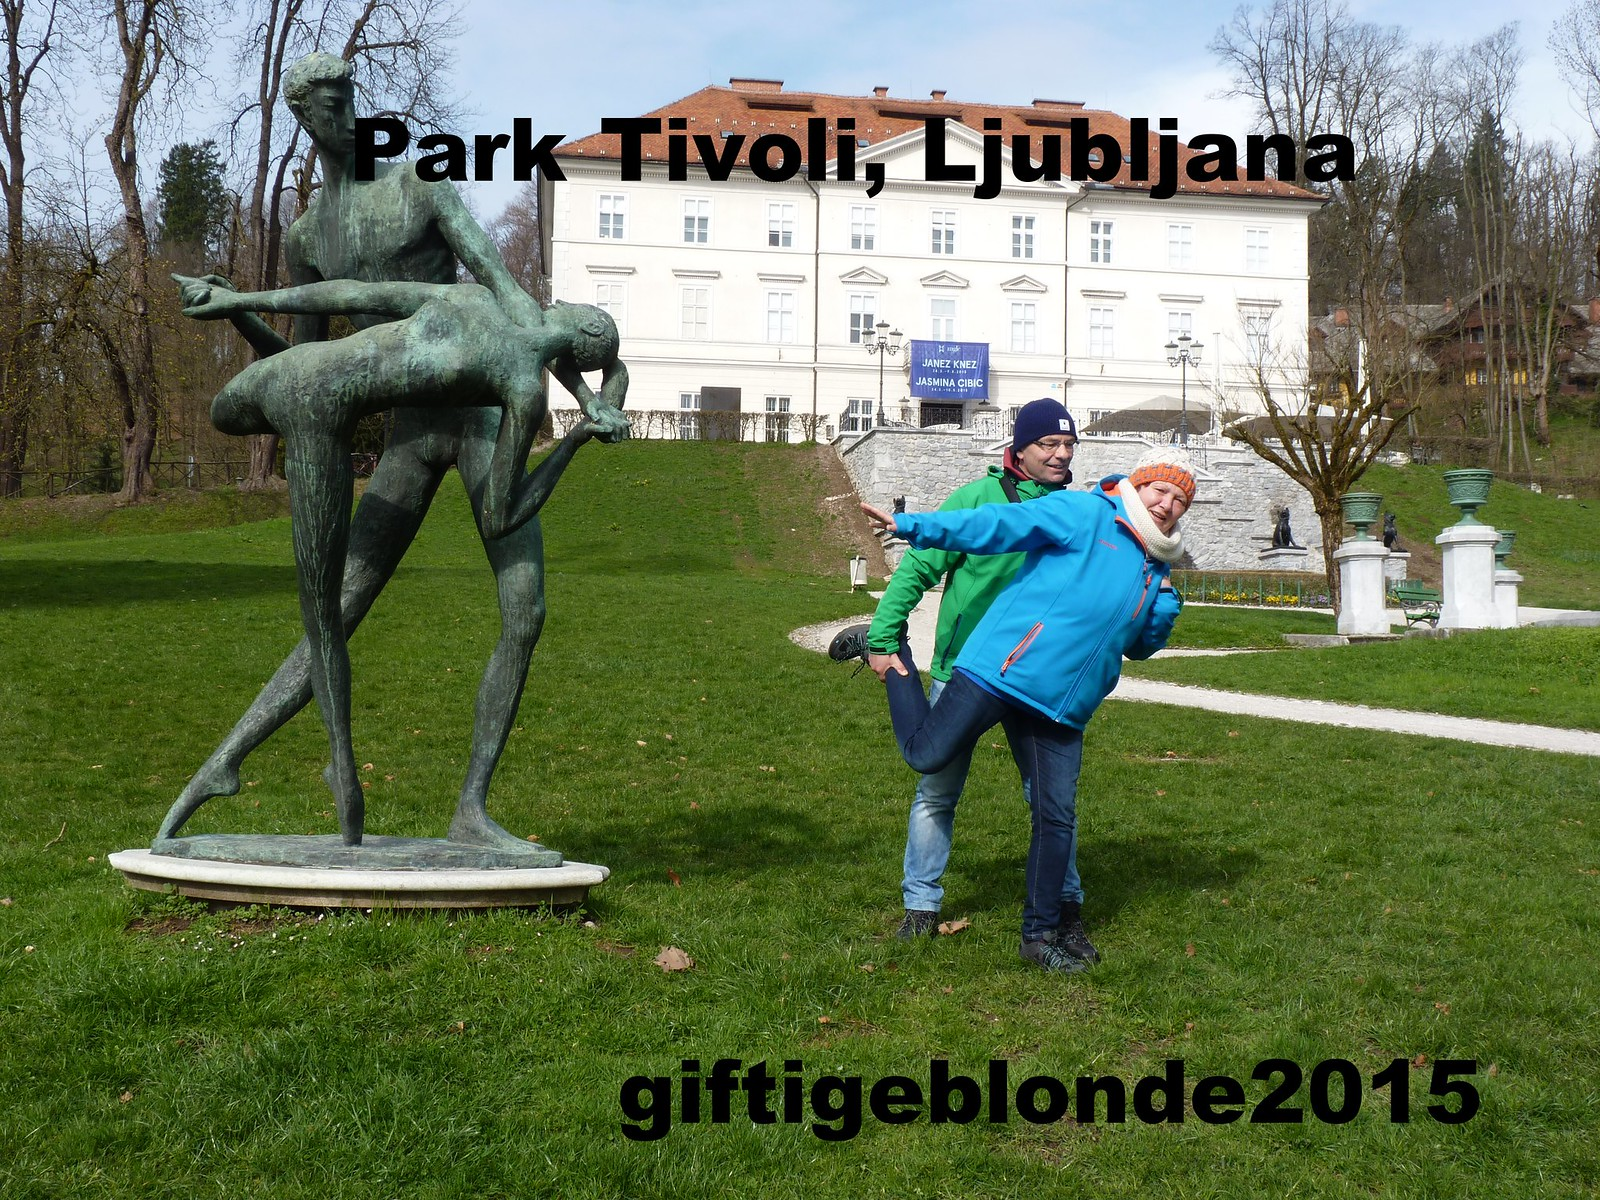 Slowenien, Ljubljana, Park Tivoli